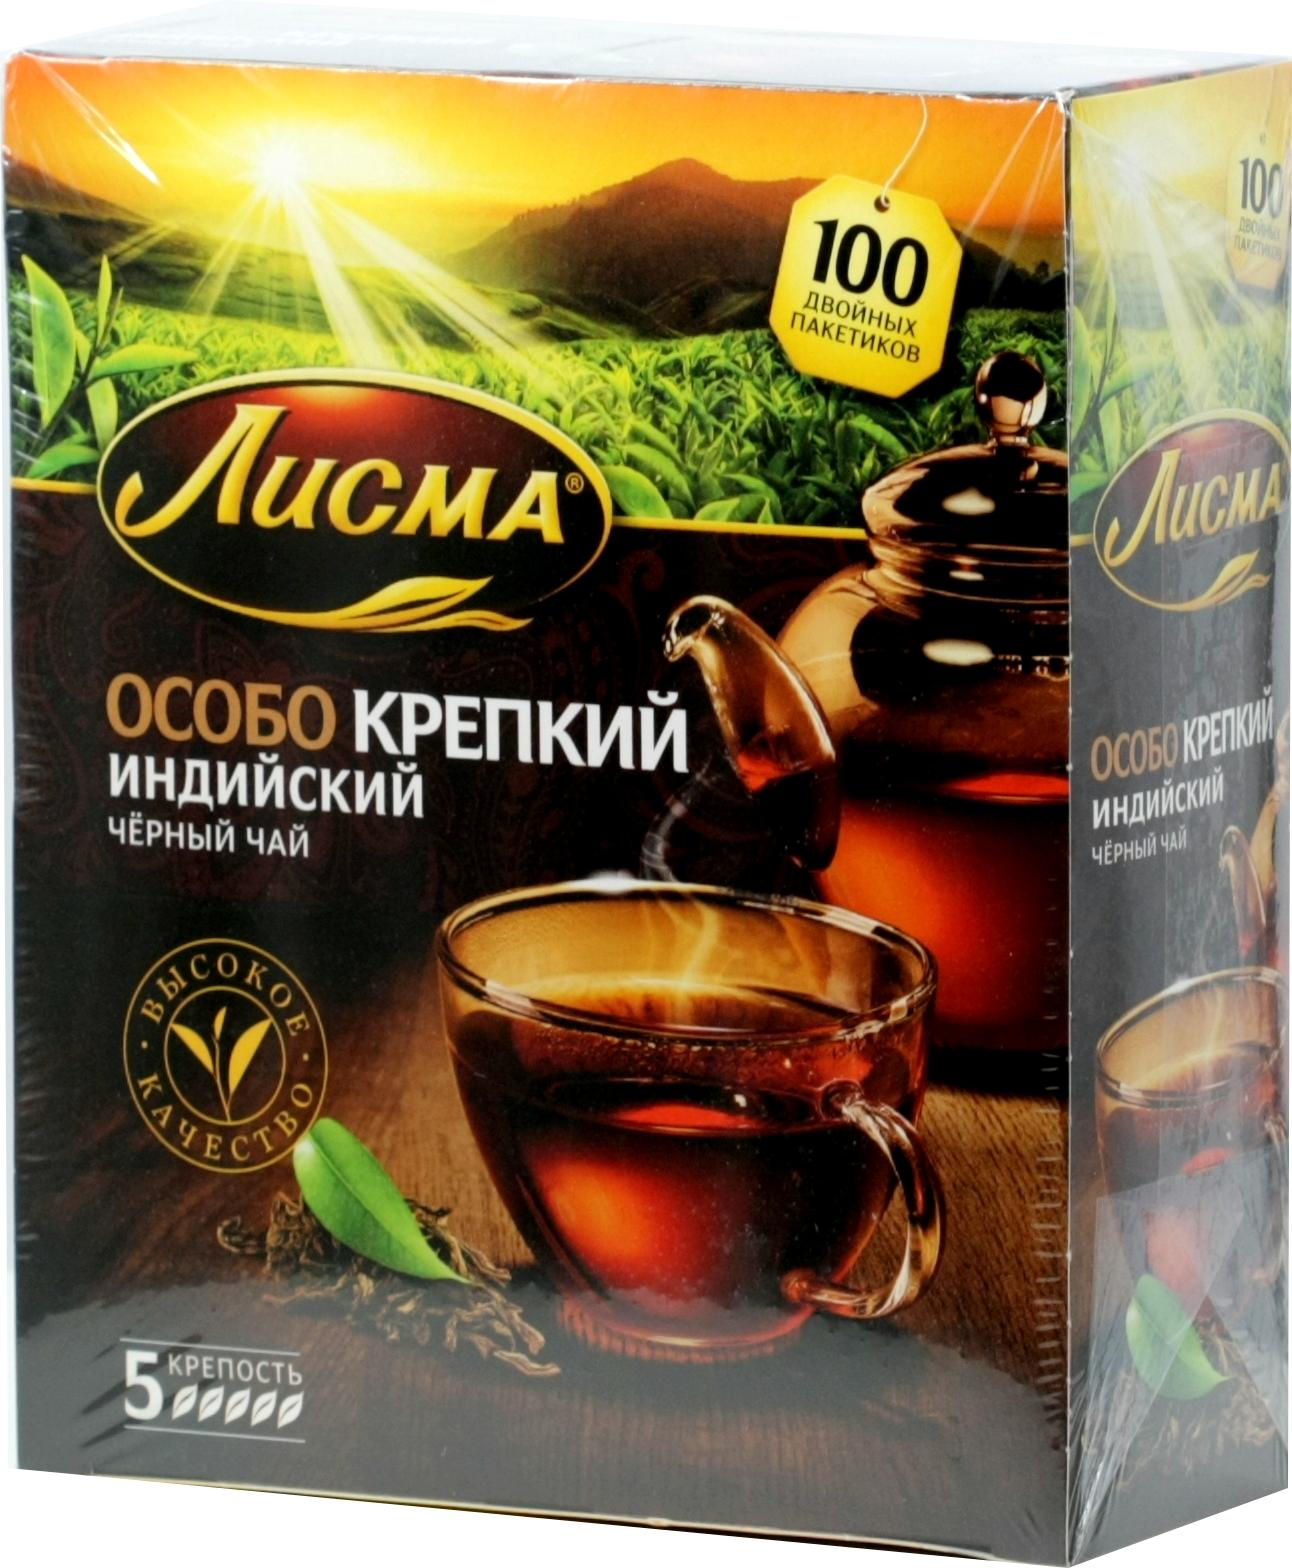 тула лавка чай кофе